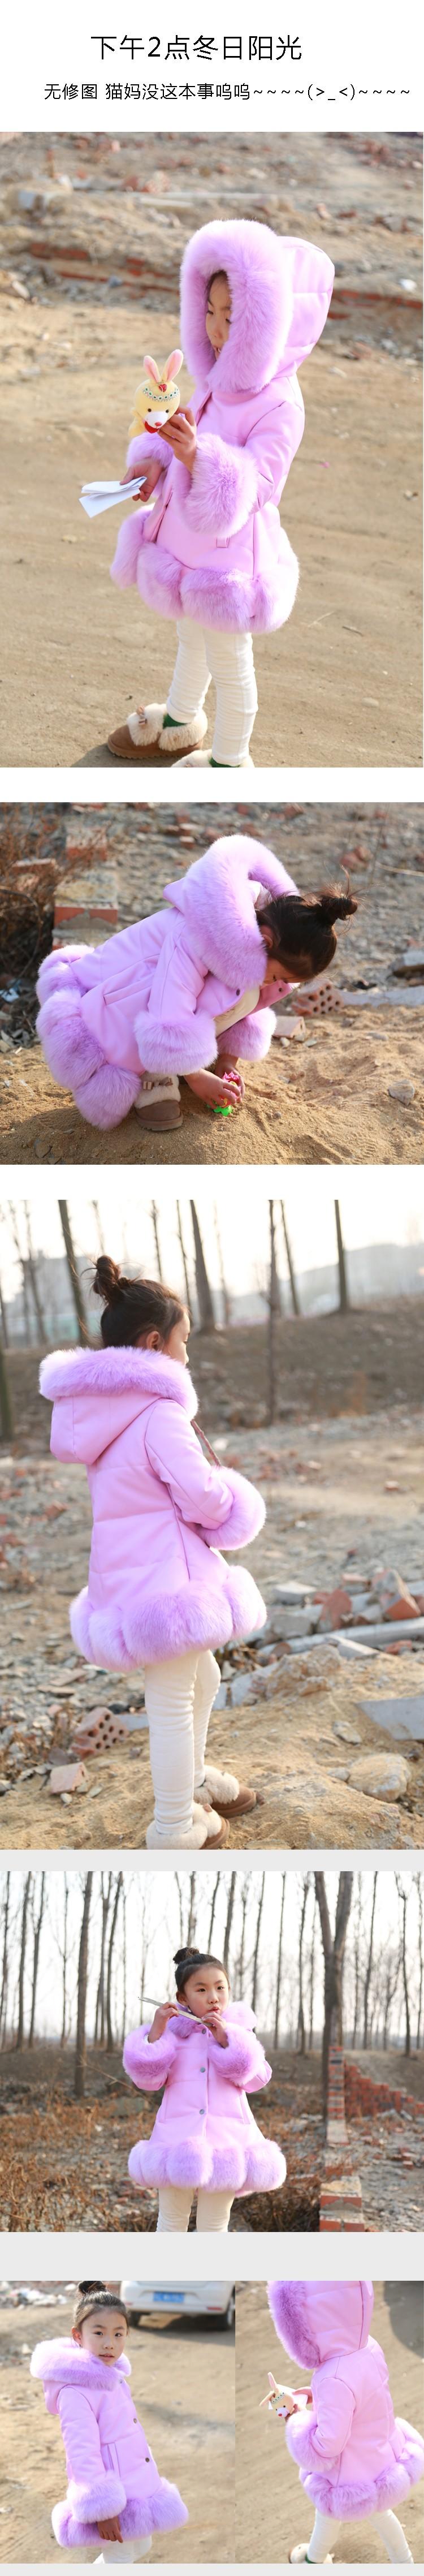 Скидки на Детская одежда девушки более зимнее пальто пункт пальто тяжелые волосы растут в теплых хлопка мягкой одежды, чтобы принести дети